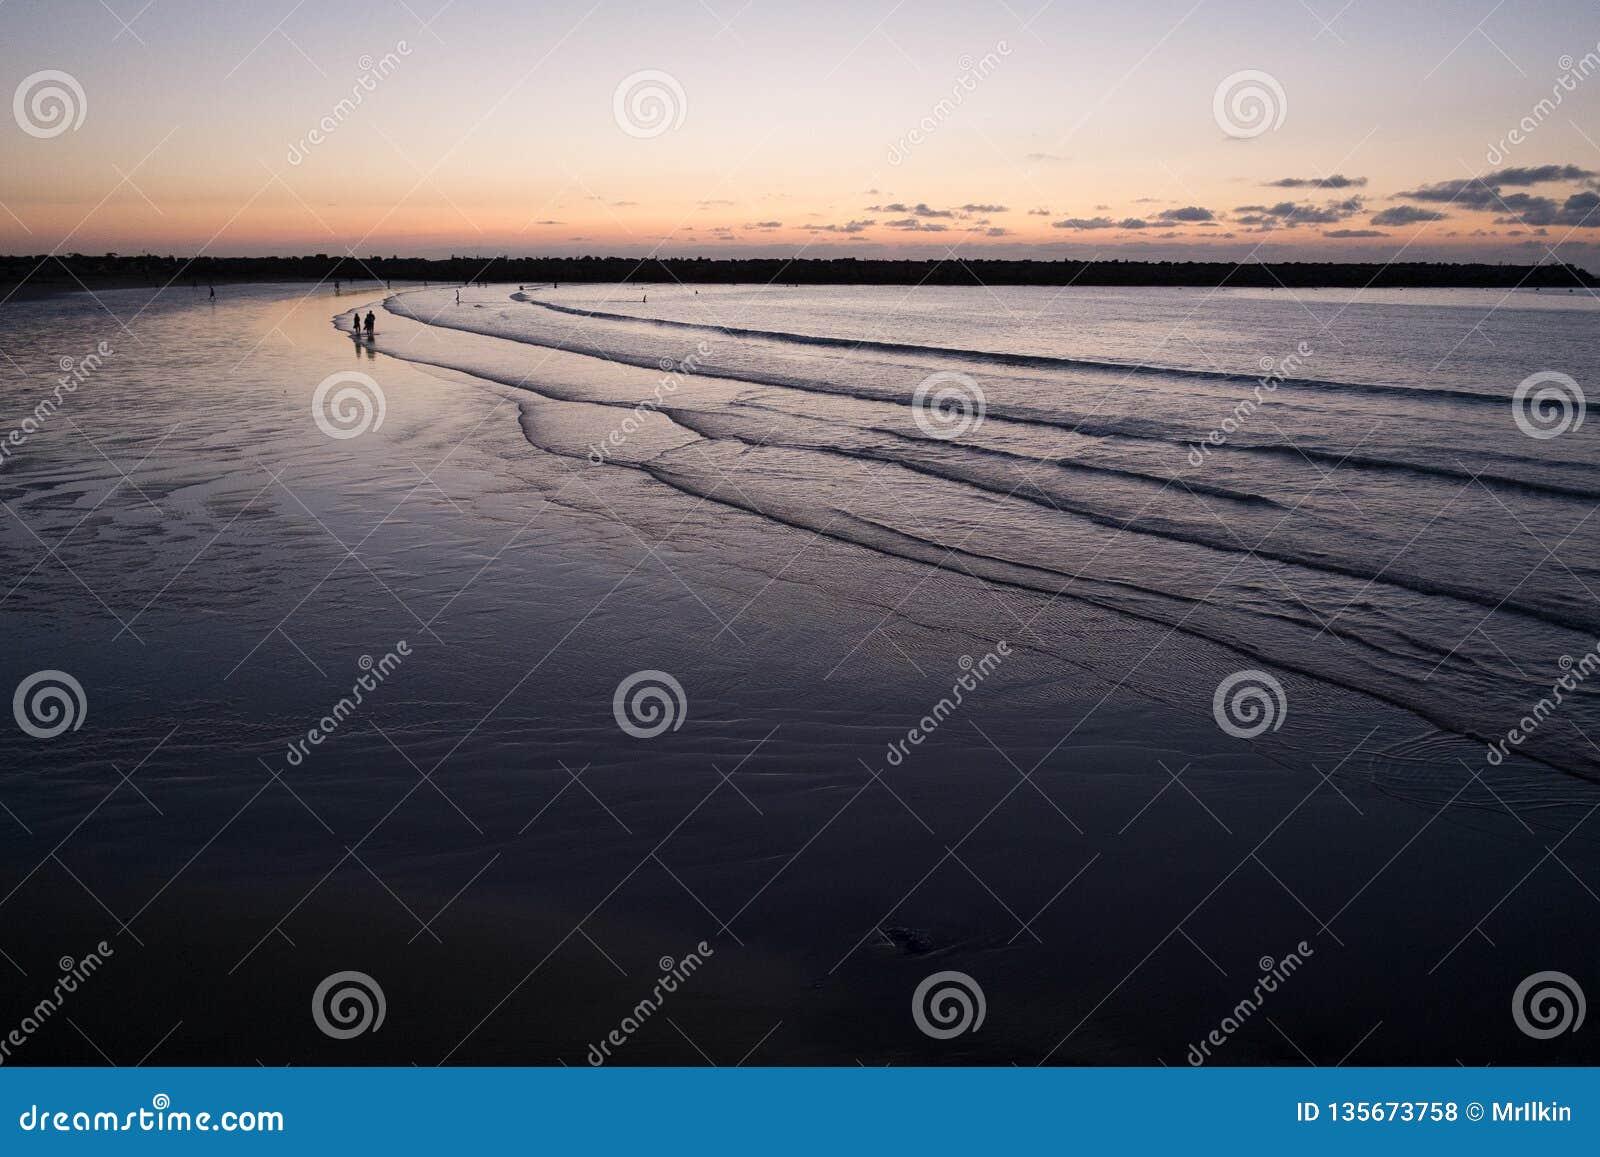 Silhouettes des personnes sur égaliser la plage